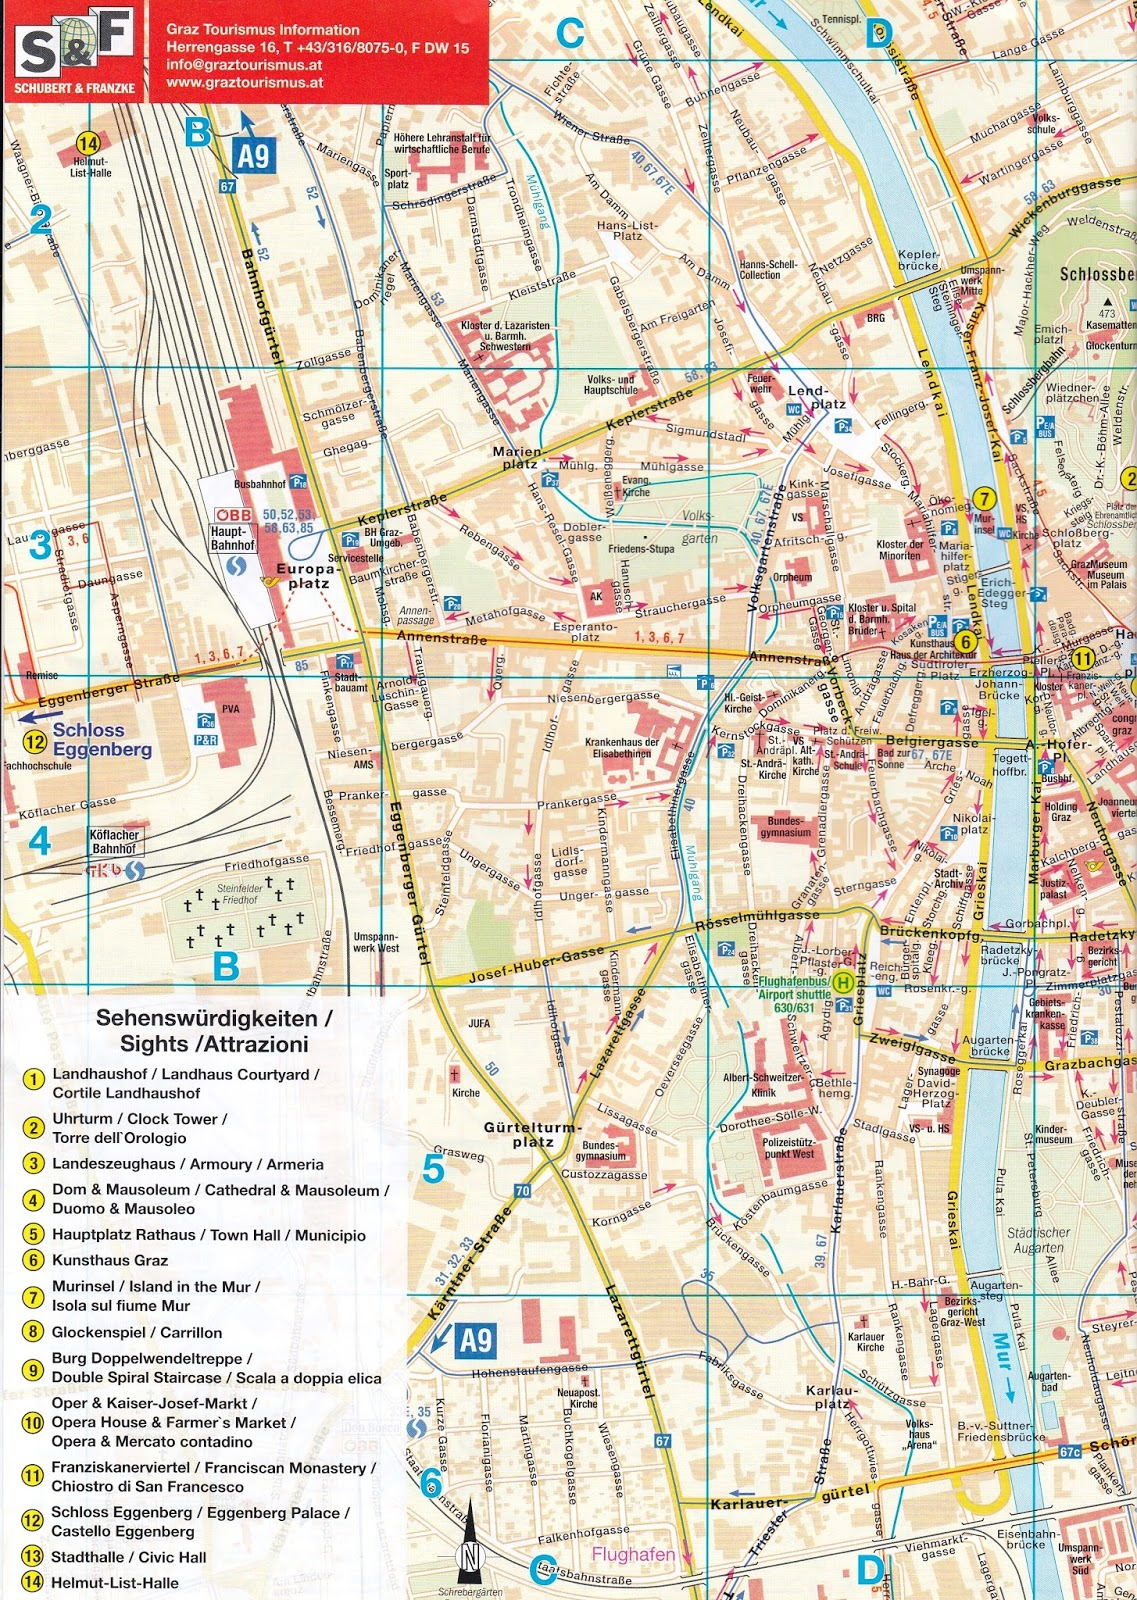 grad krf mapa Kao na dlanu : Skenirana mapa Graca   glavne atrakcije grada grad krf mapa